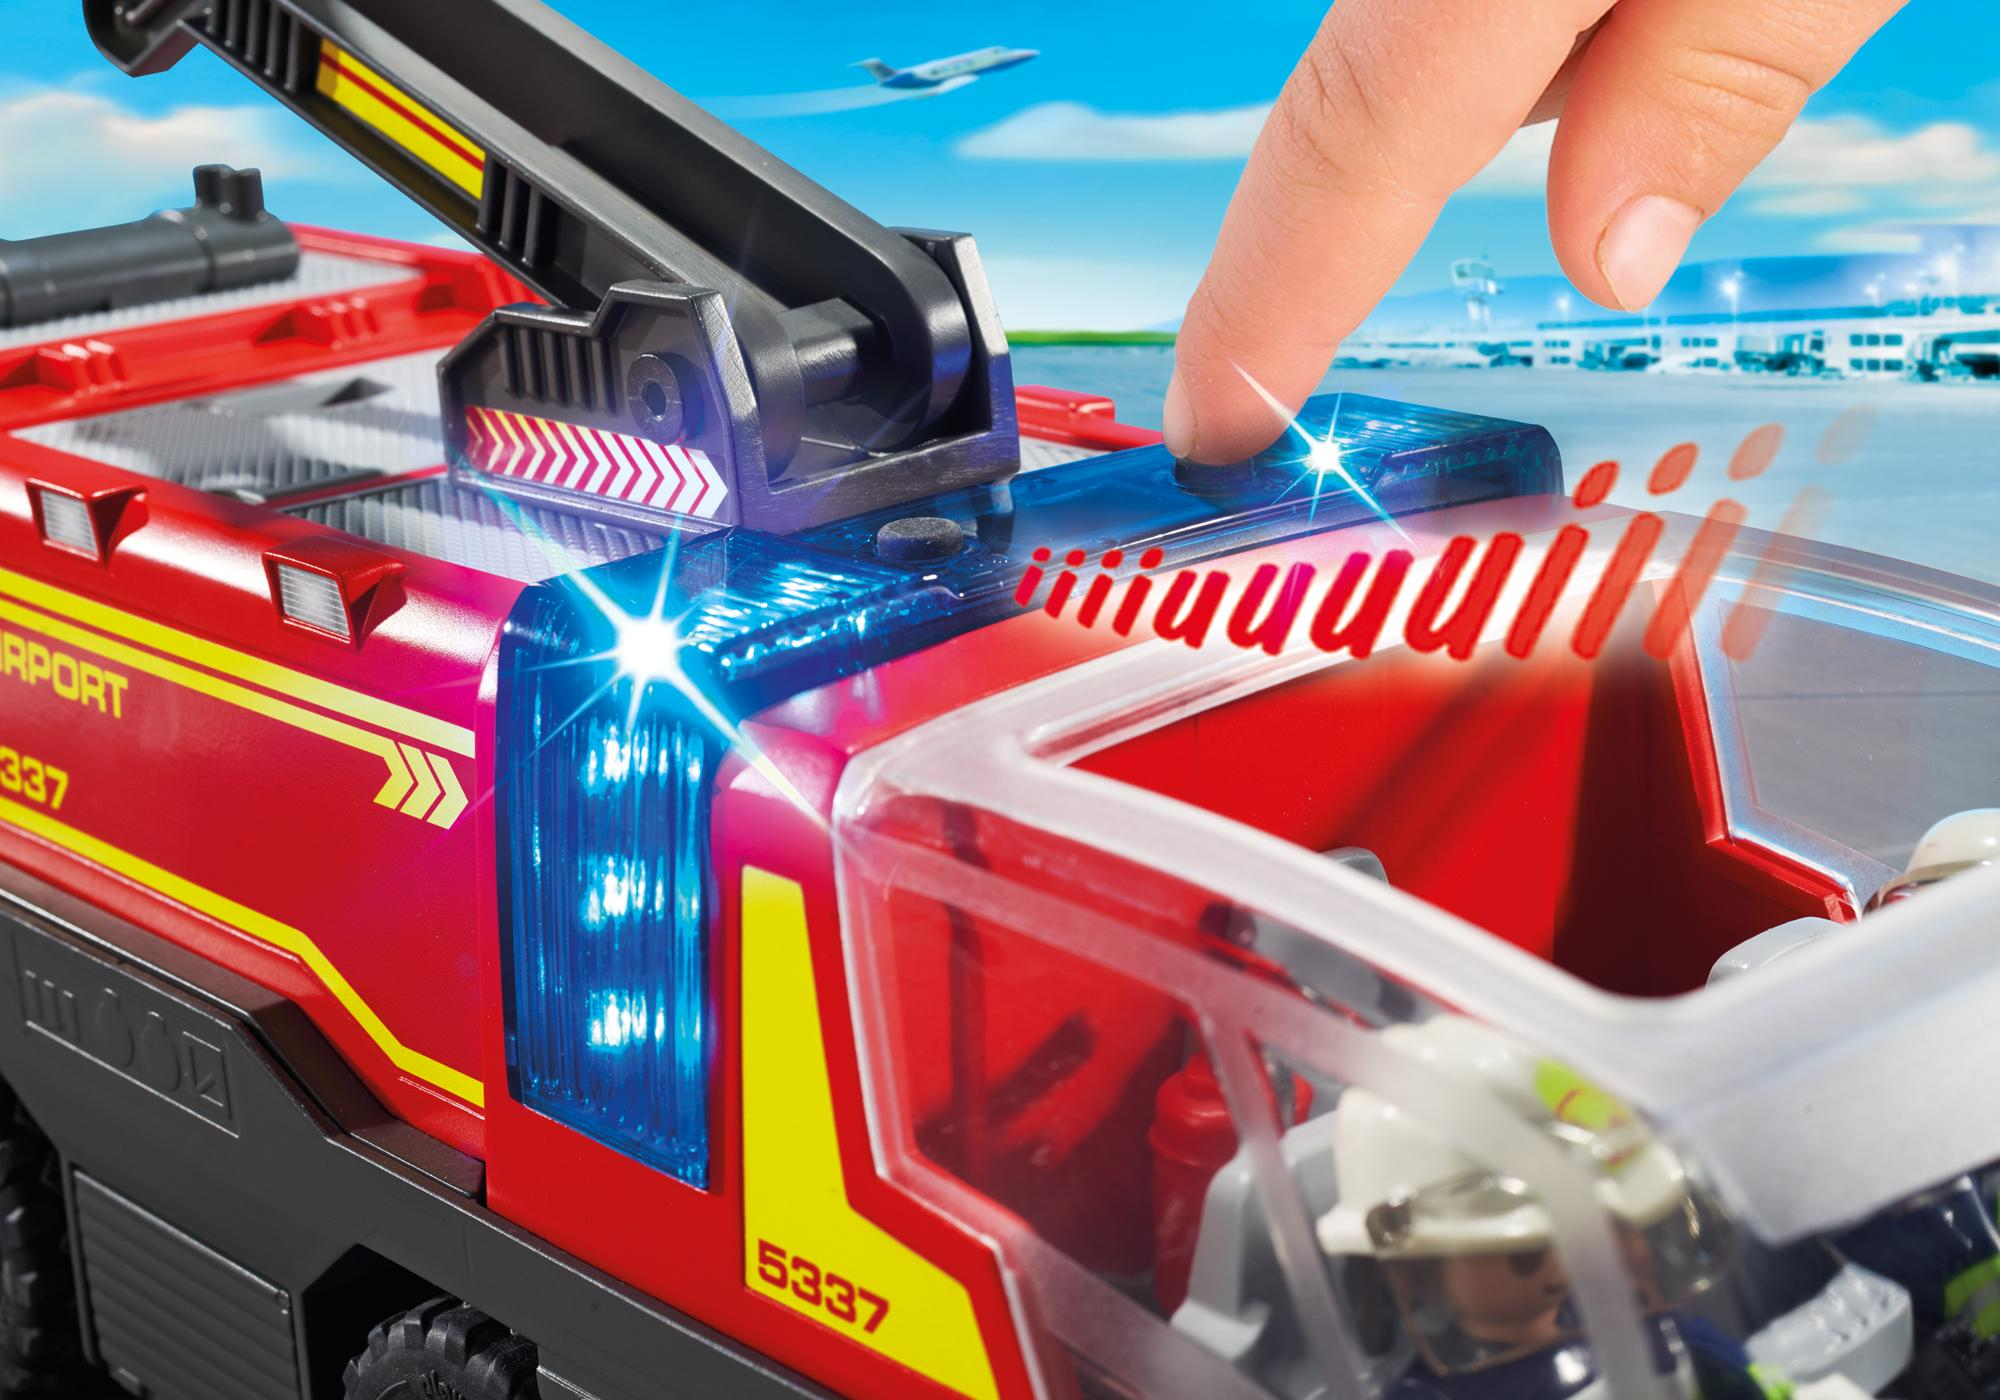 http://media.playmobil.com/i/playmobil/5337_product_extra1/Camião de bombeiros do Aeroporto